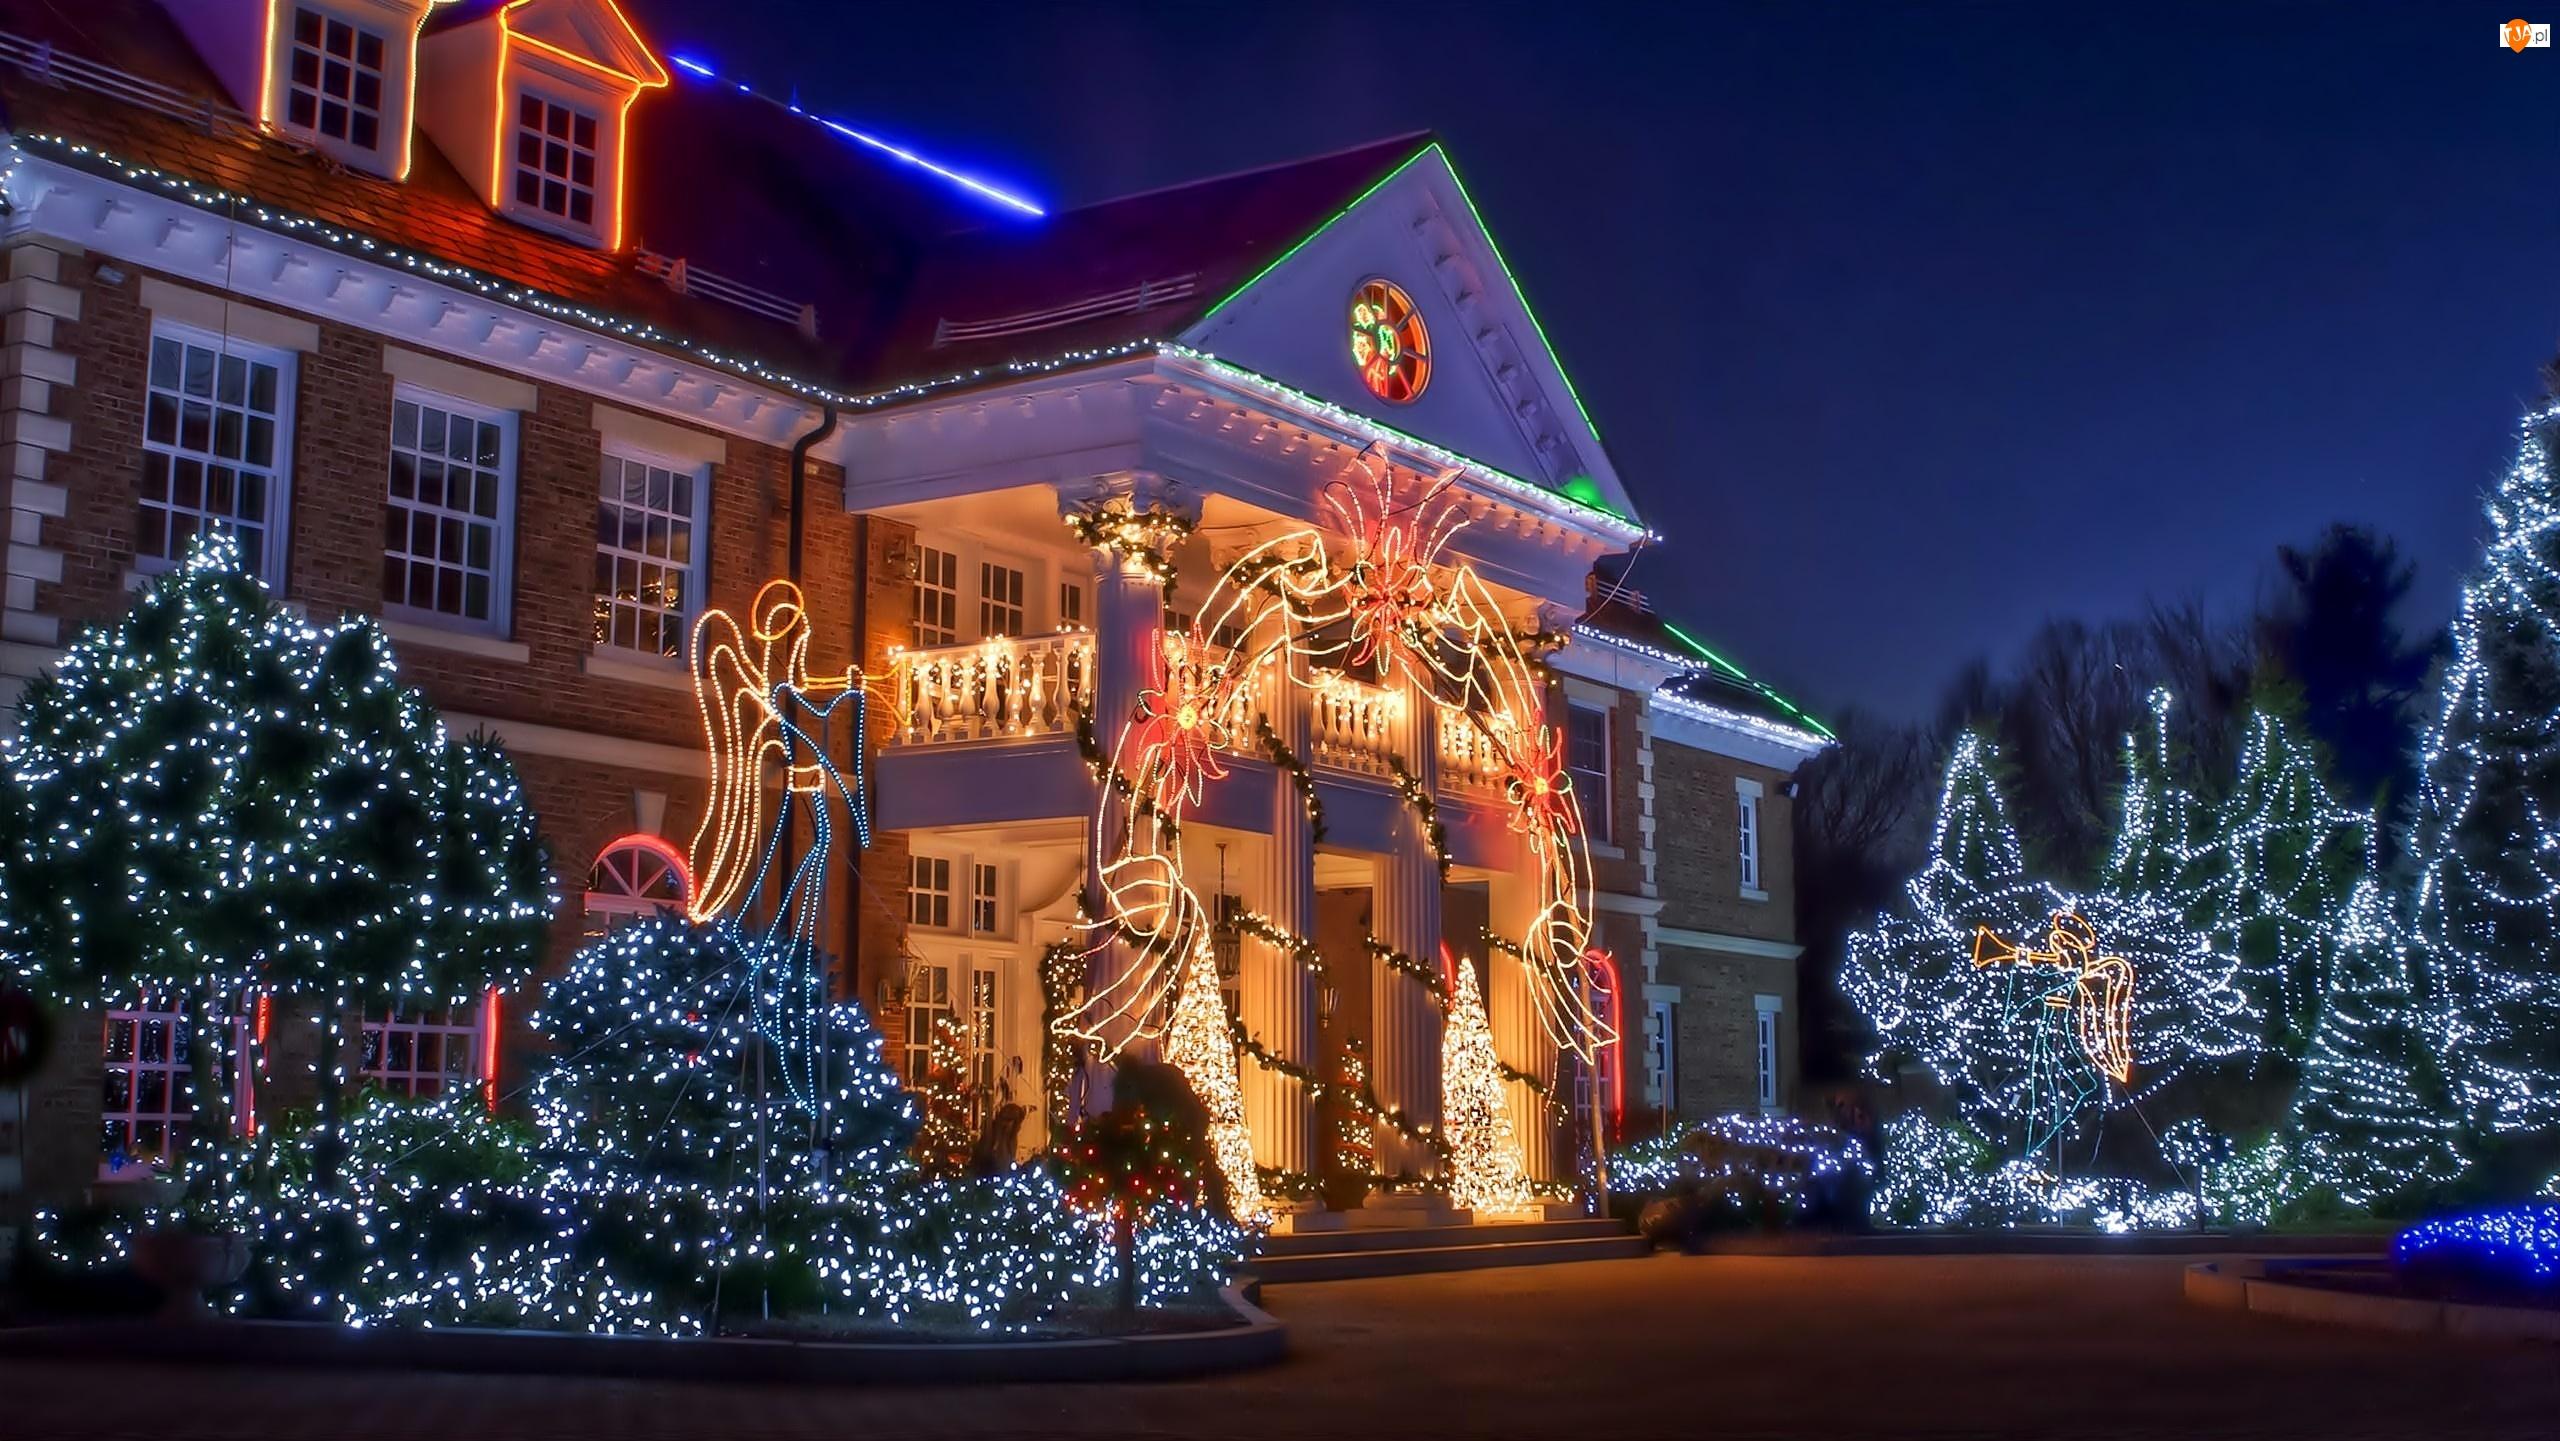 Dom, Świąteczne, Ogród, Dekoracje